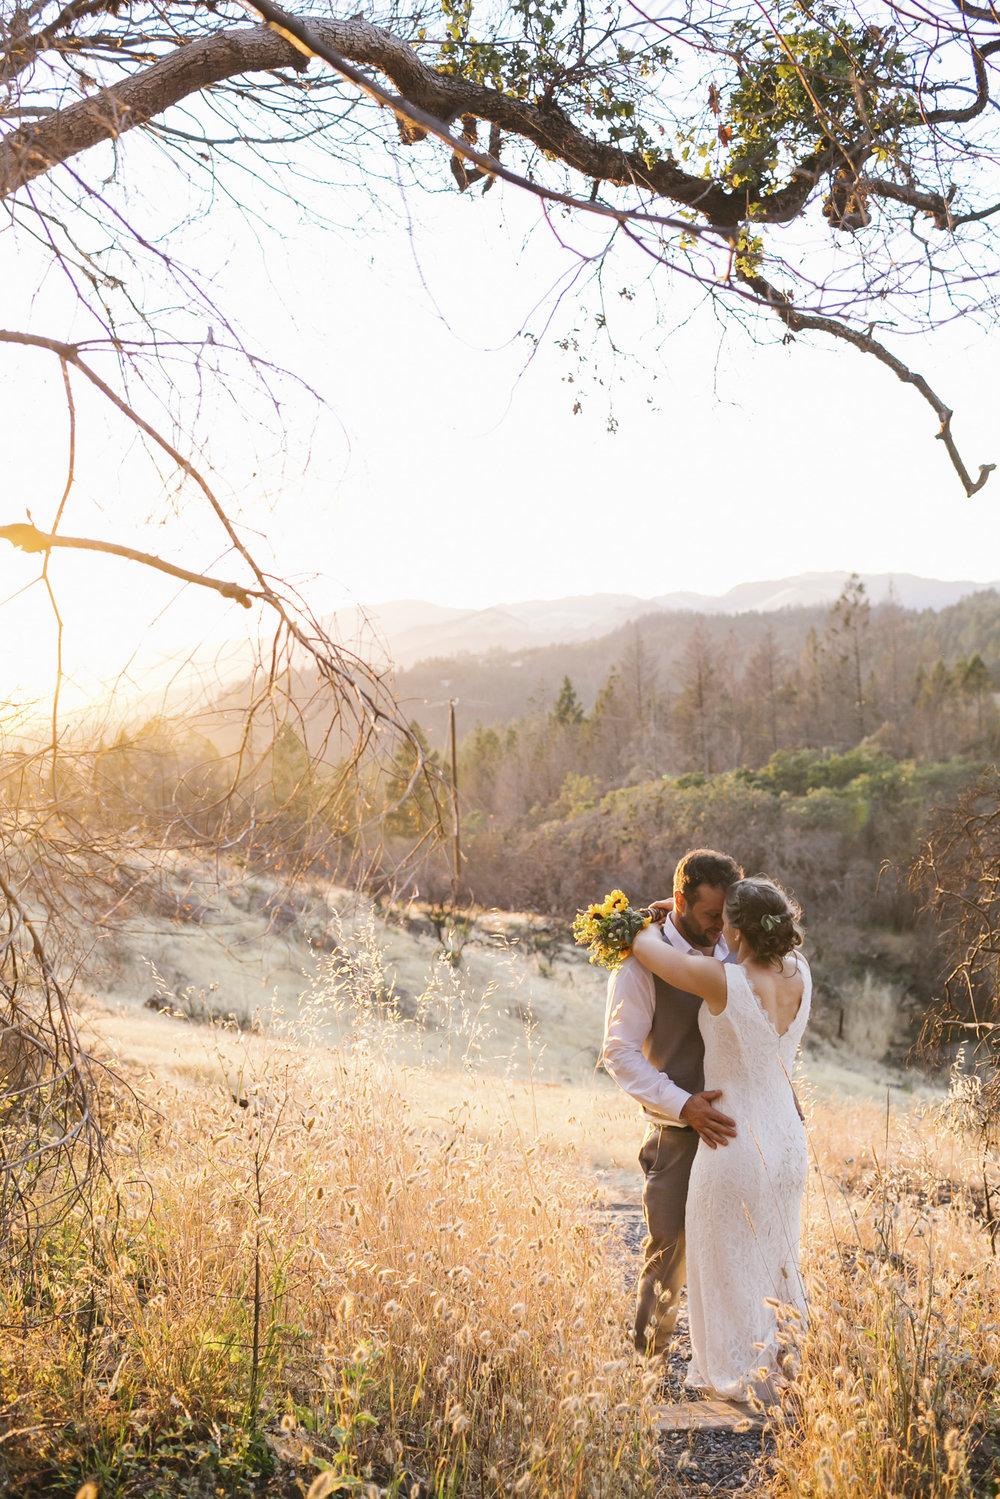 A wedding couple hug at sunset on a golden hillside